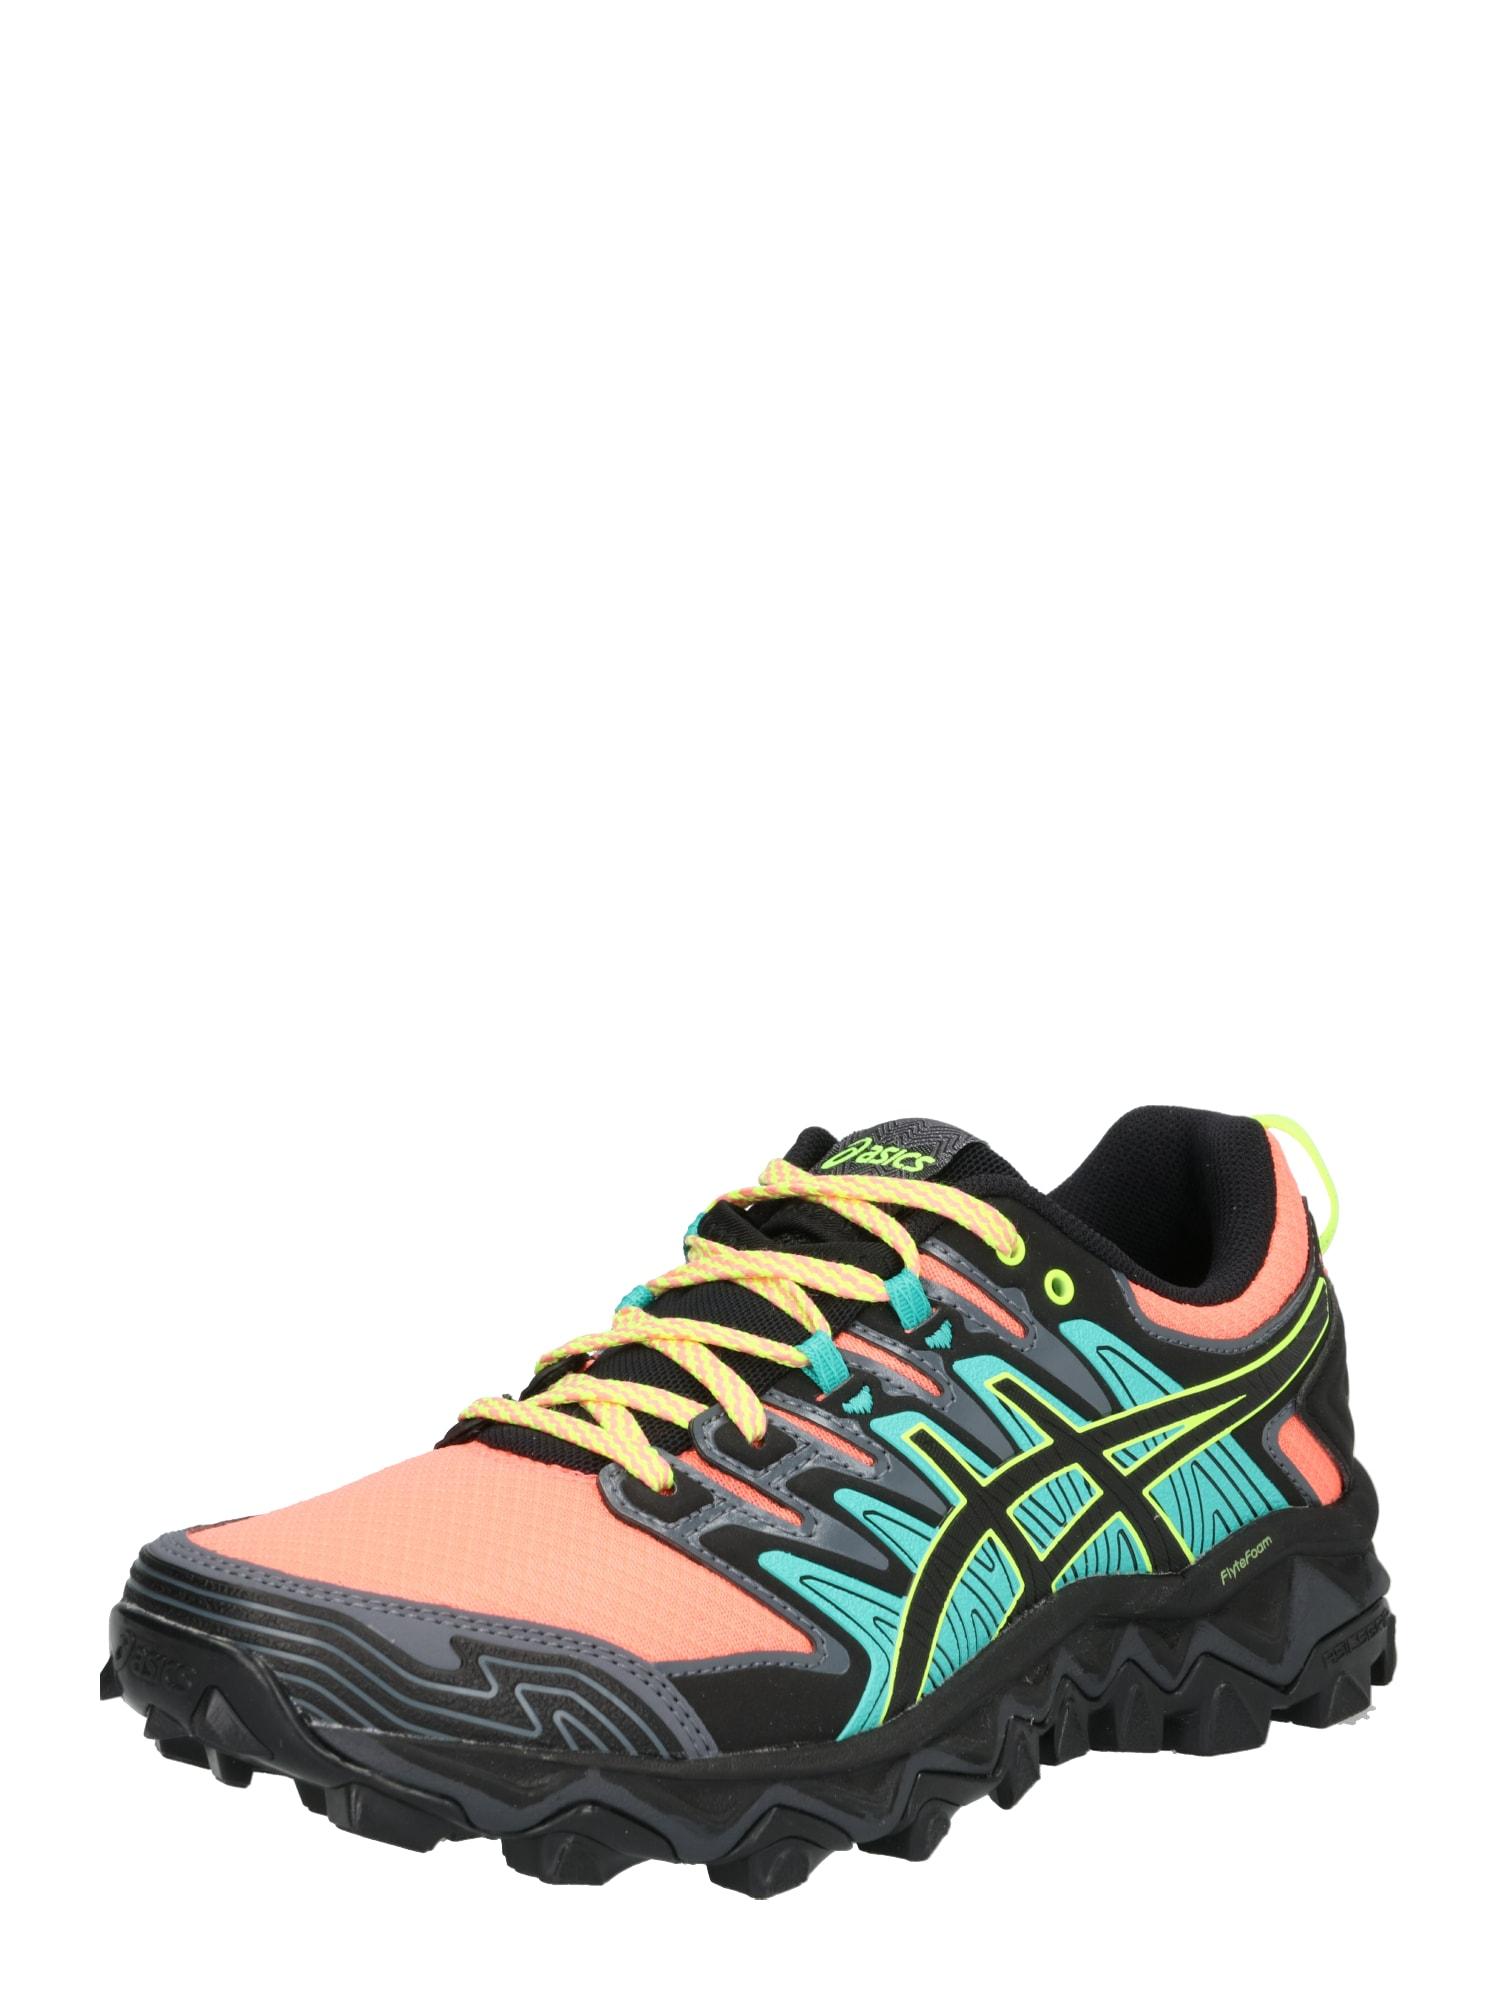 Běžecká obuv GEL-FUJITRABUCO 7 modrá korálová černá ASICS